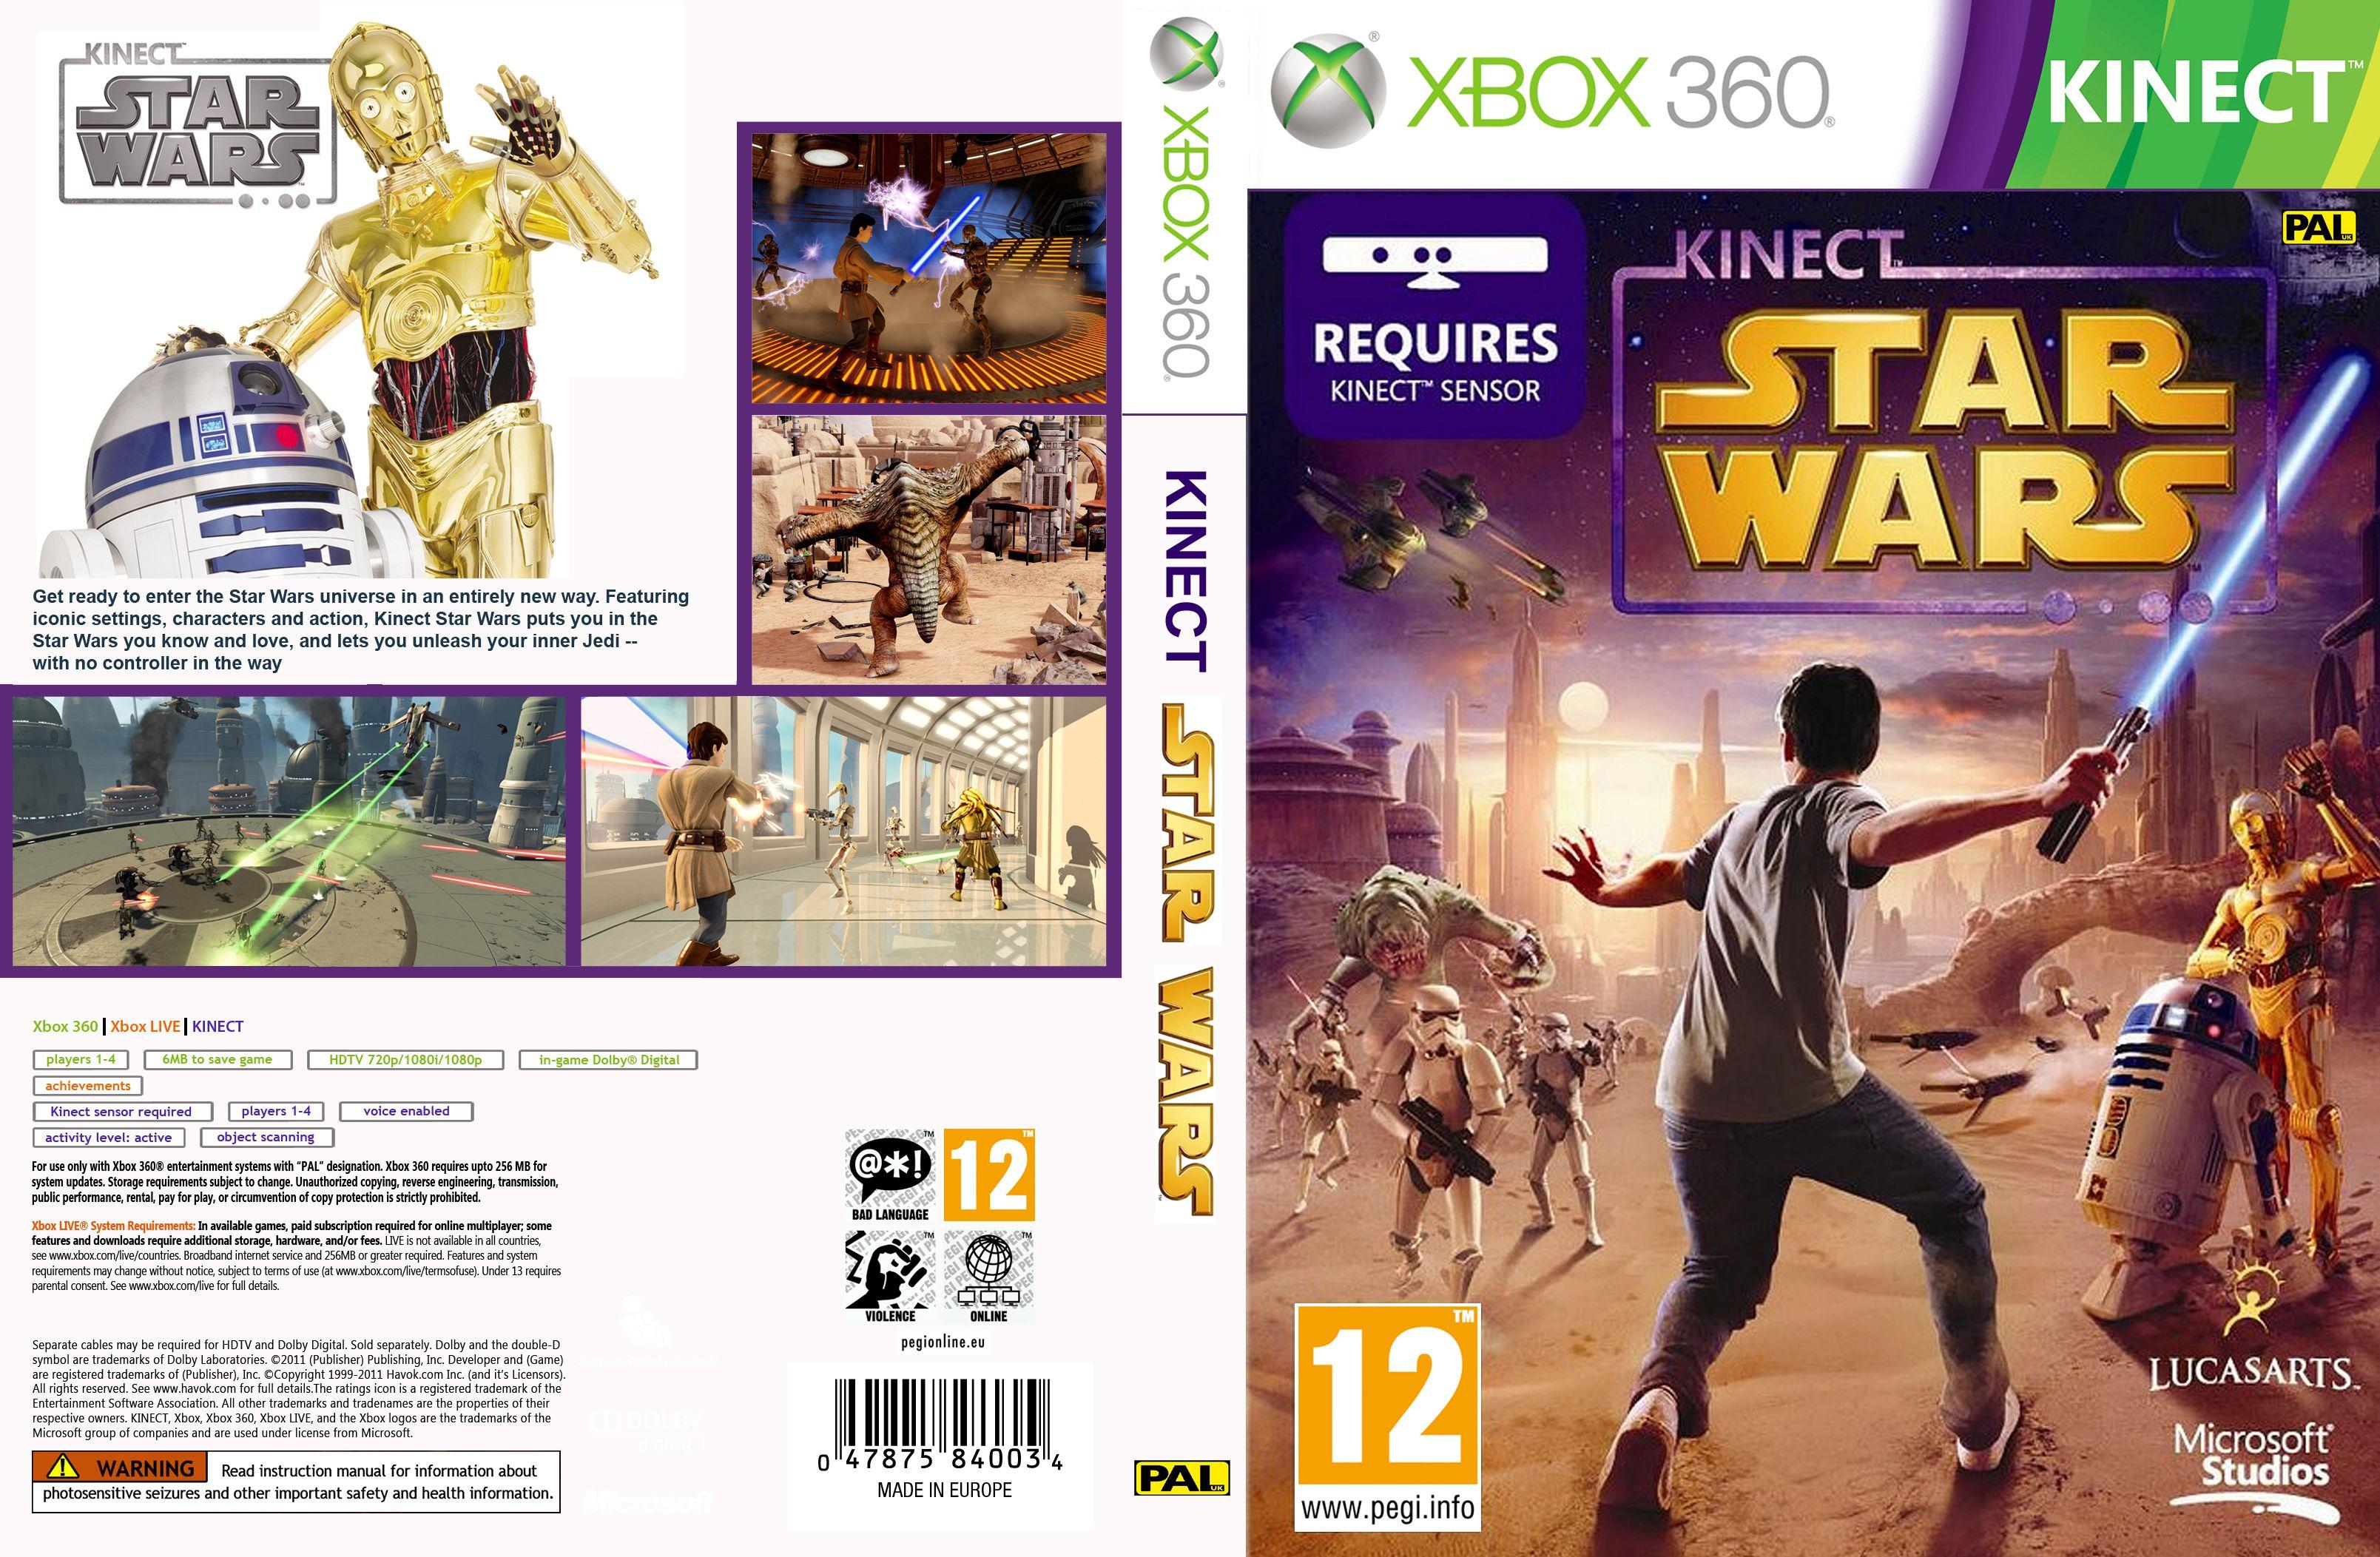 Xbox 360 Kinect Star Wars Star Wars Xbox Xbox 360 Star Wars